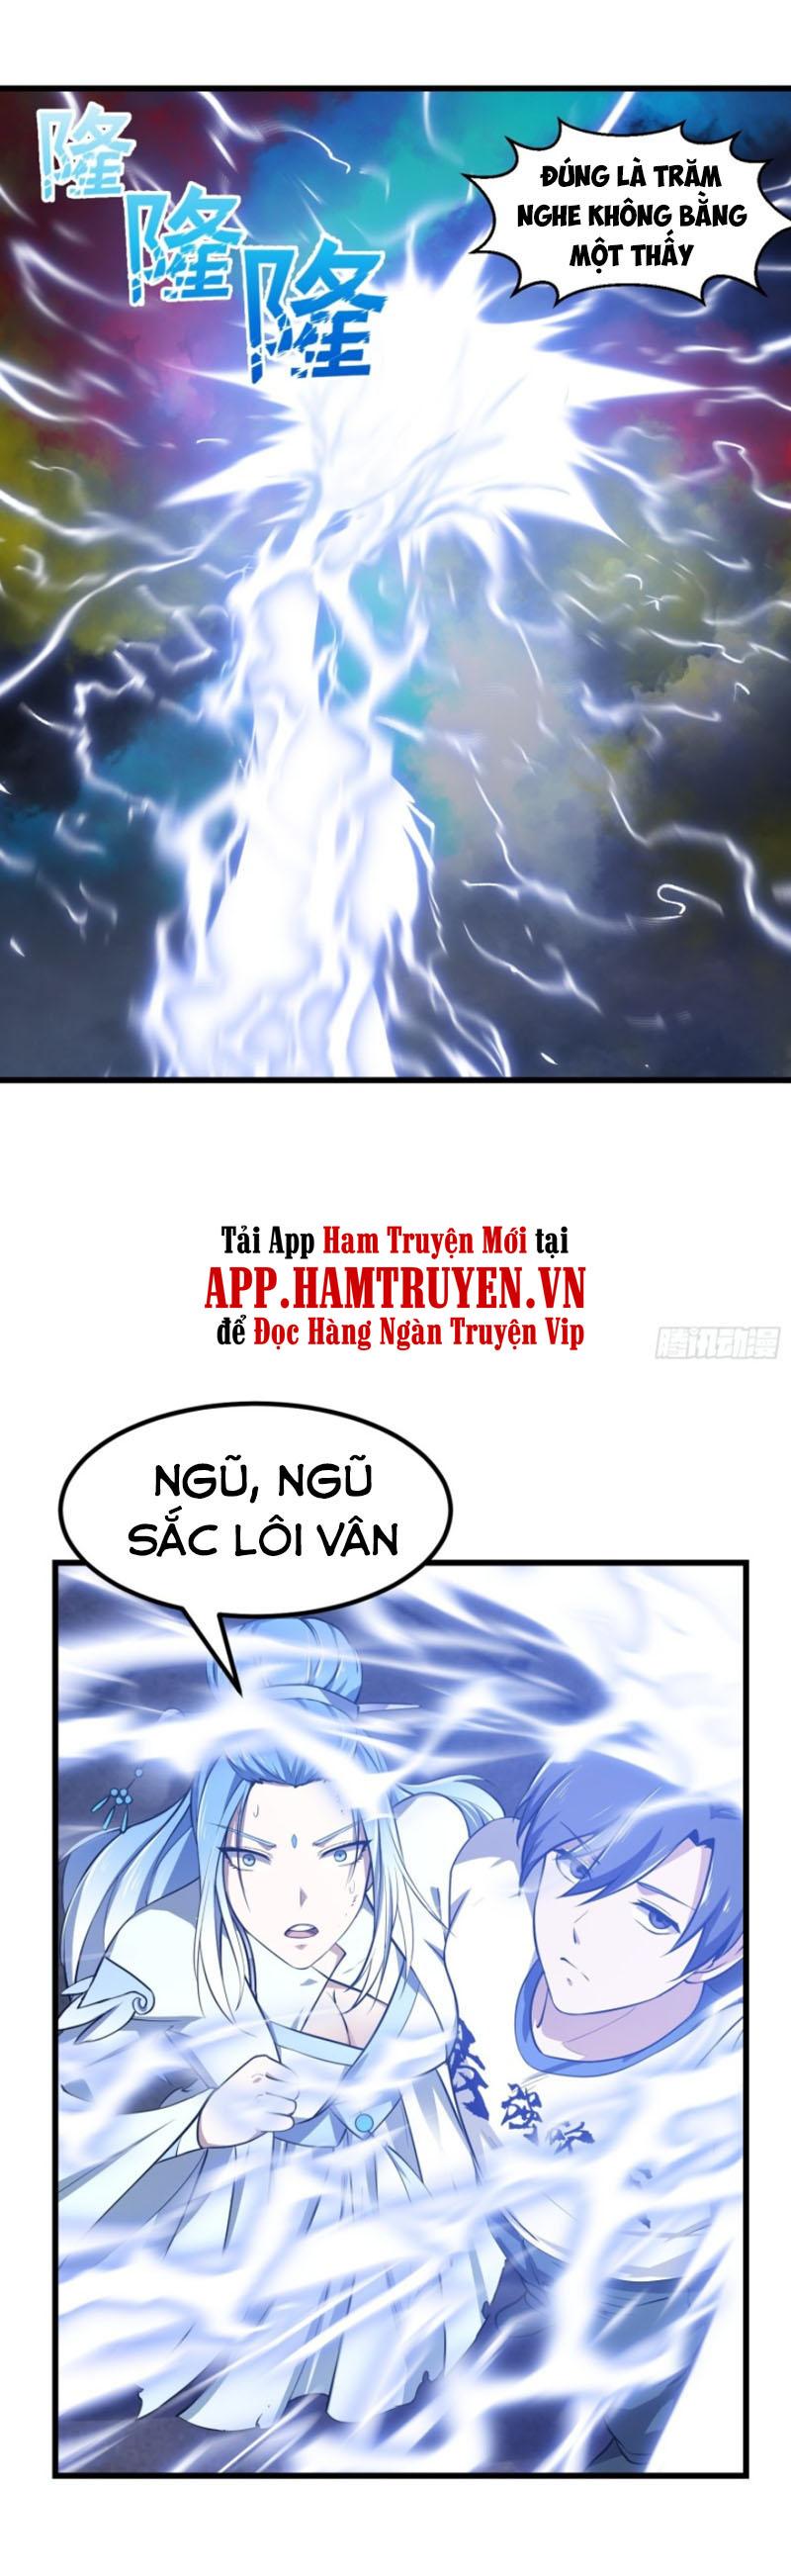 Ta Chẳng Qua Là Một Đại La Kim Tiên Chương 158 - Vcomic.net